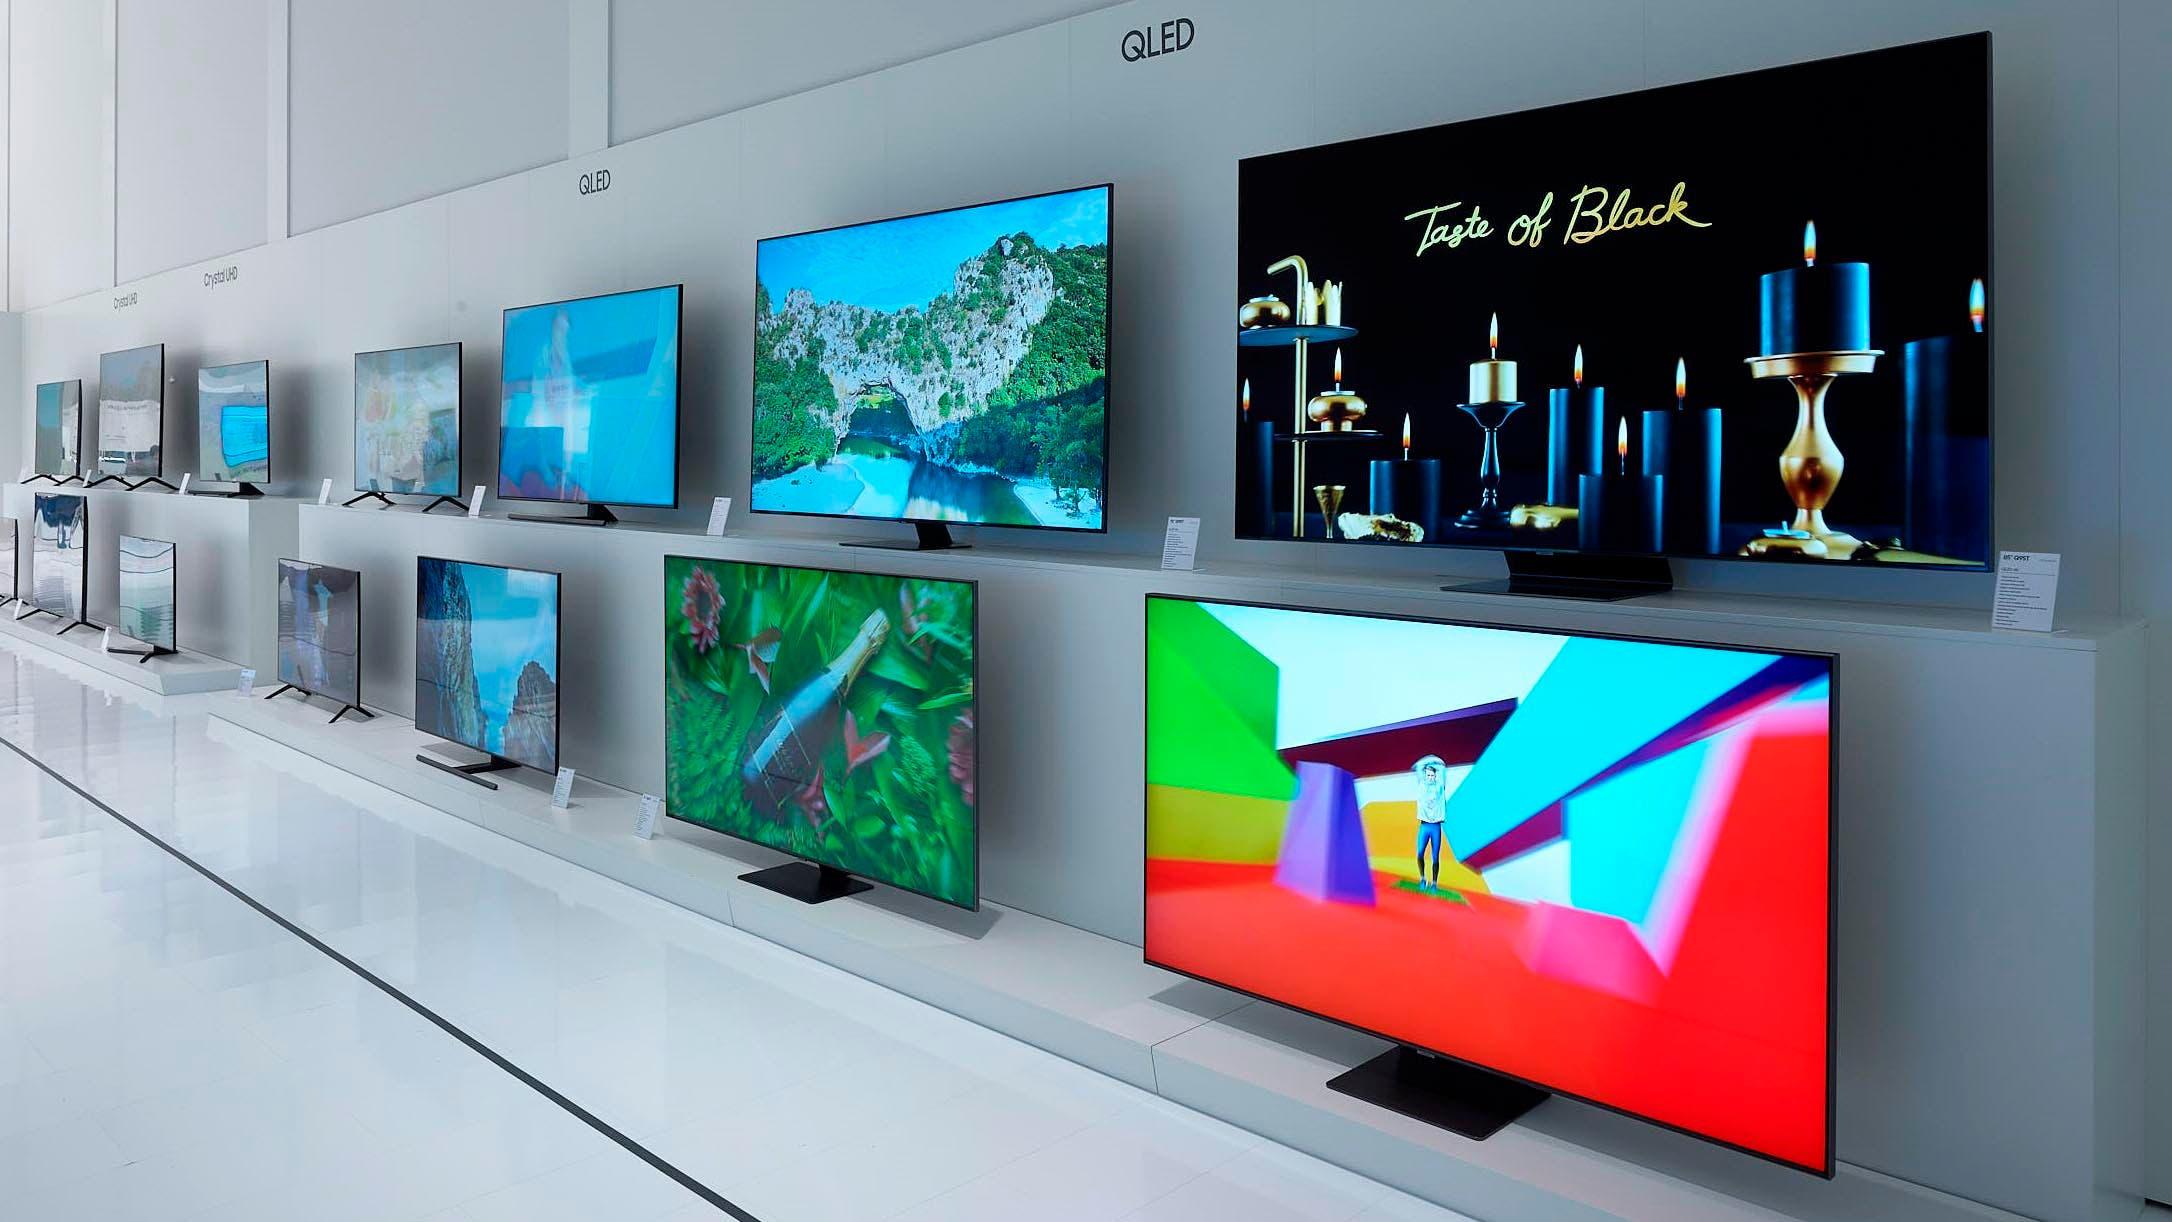 Televisor o monitor ¿Qué es mejor para jugar? 1